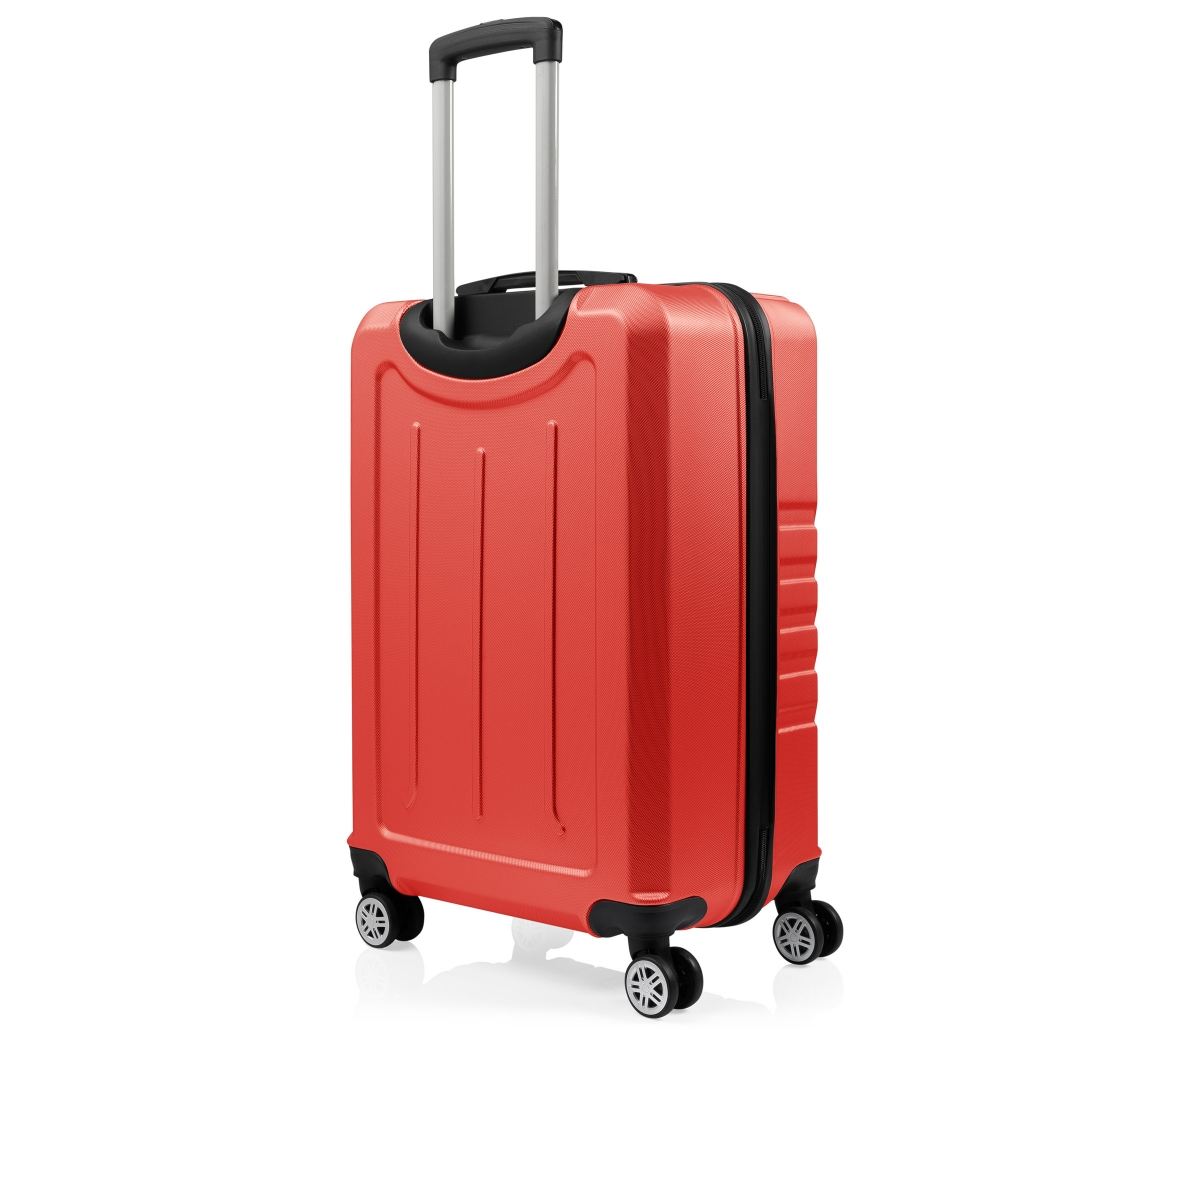 Gedox Abs 3'lü Valiz Seyahat Seti - Model:700.14 Kırmızı